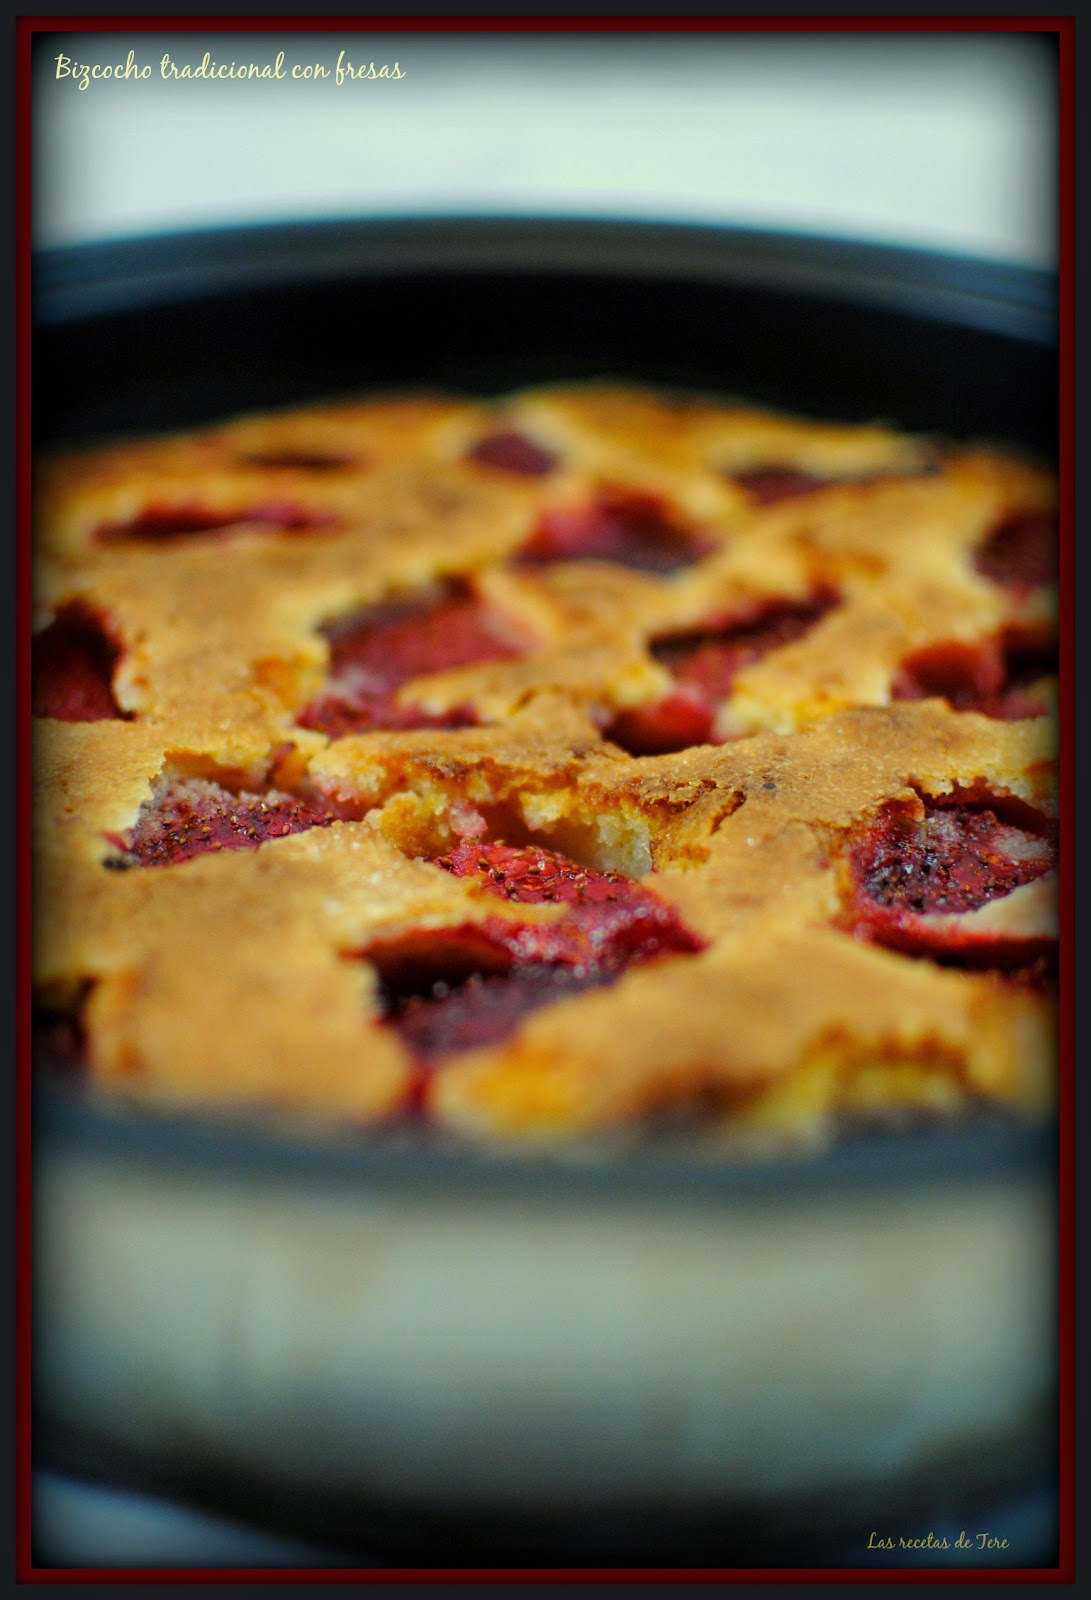 bizcocho tradicional con fresas tererecetas 02